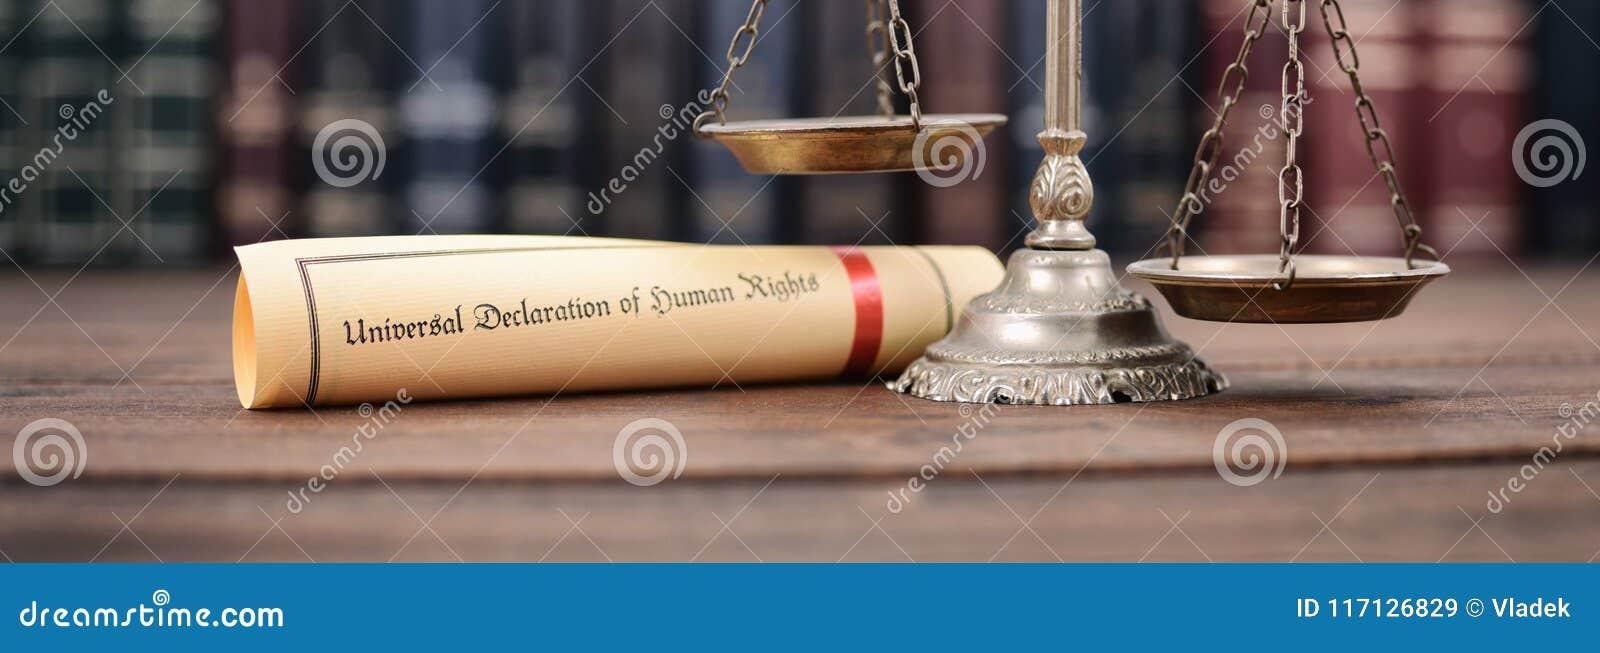 Весы правосудия, всеобщее объявление прав человека